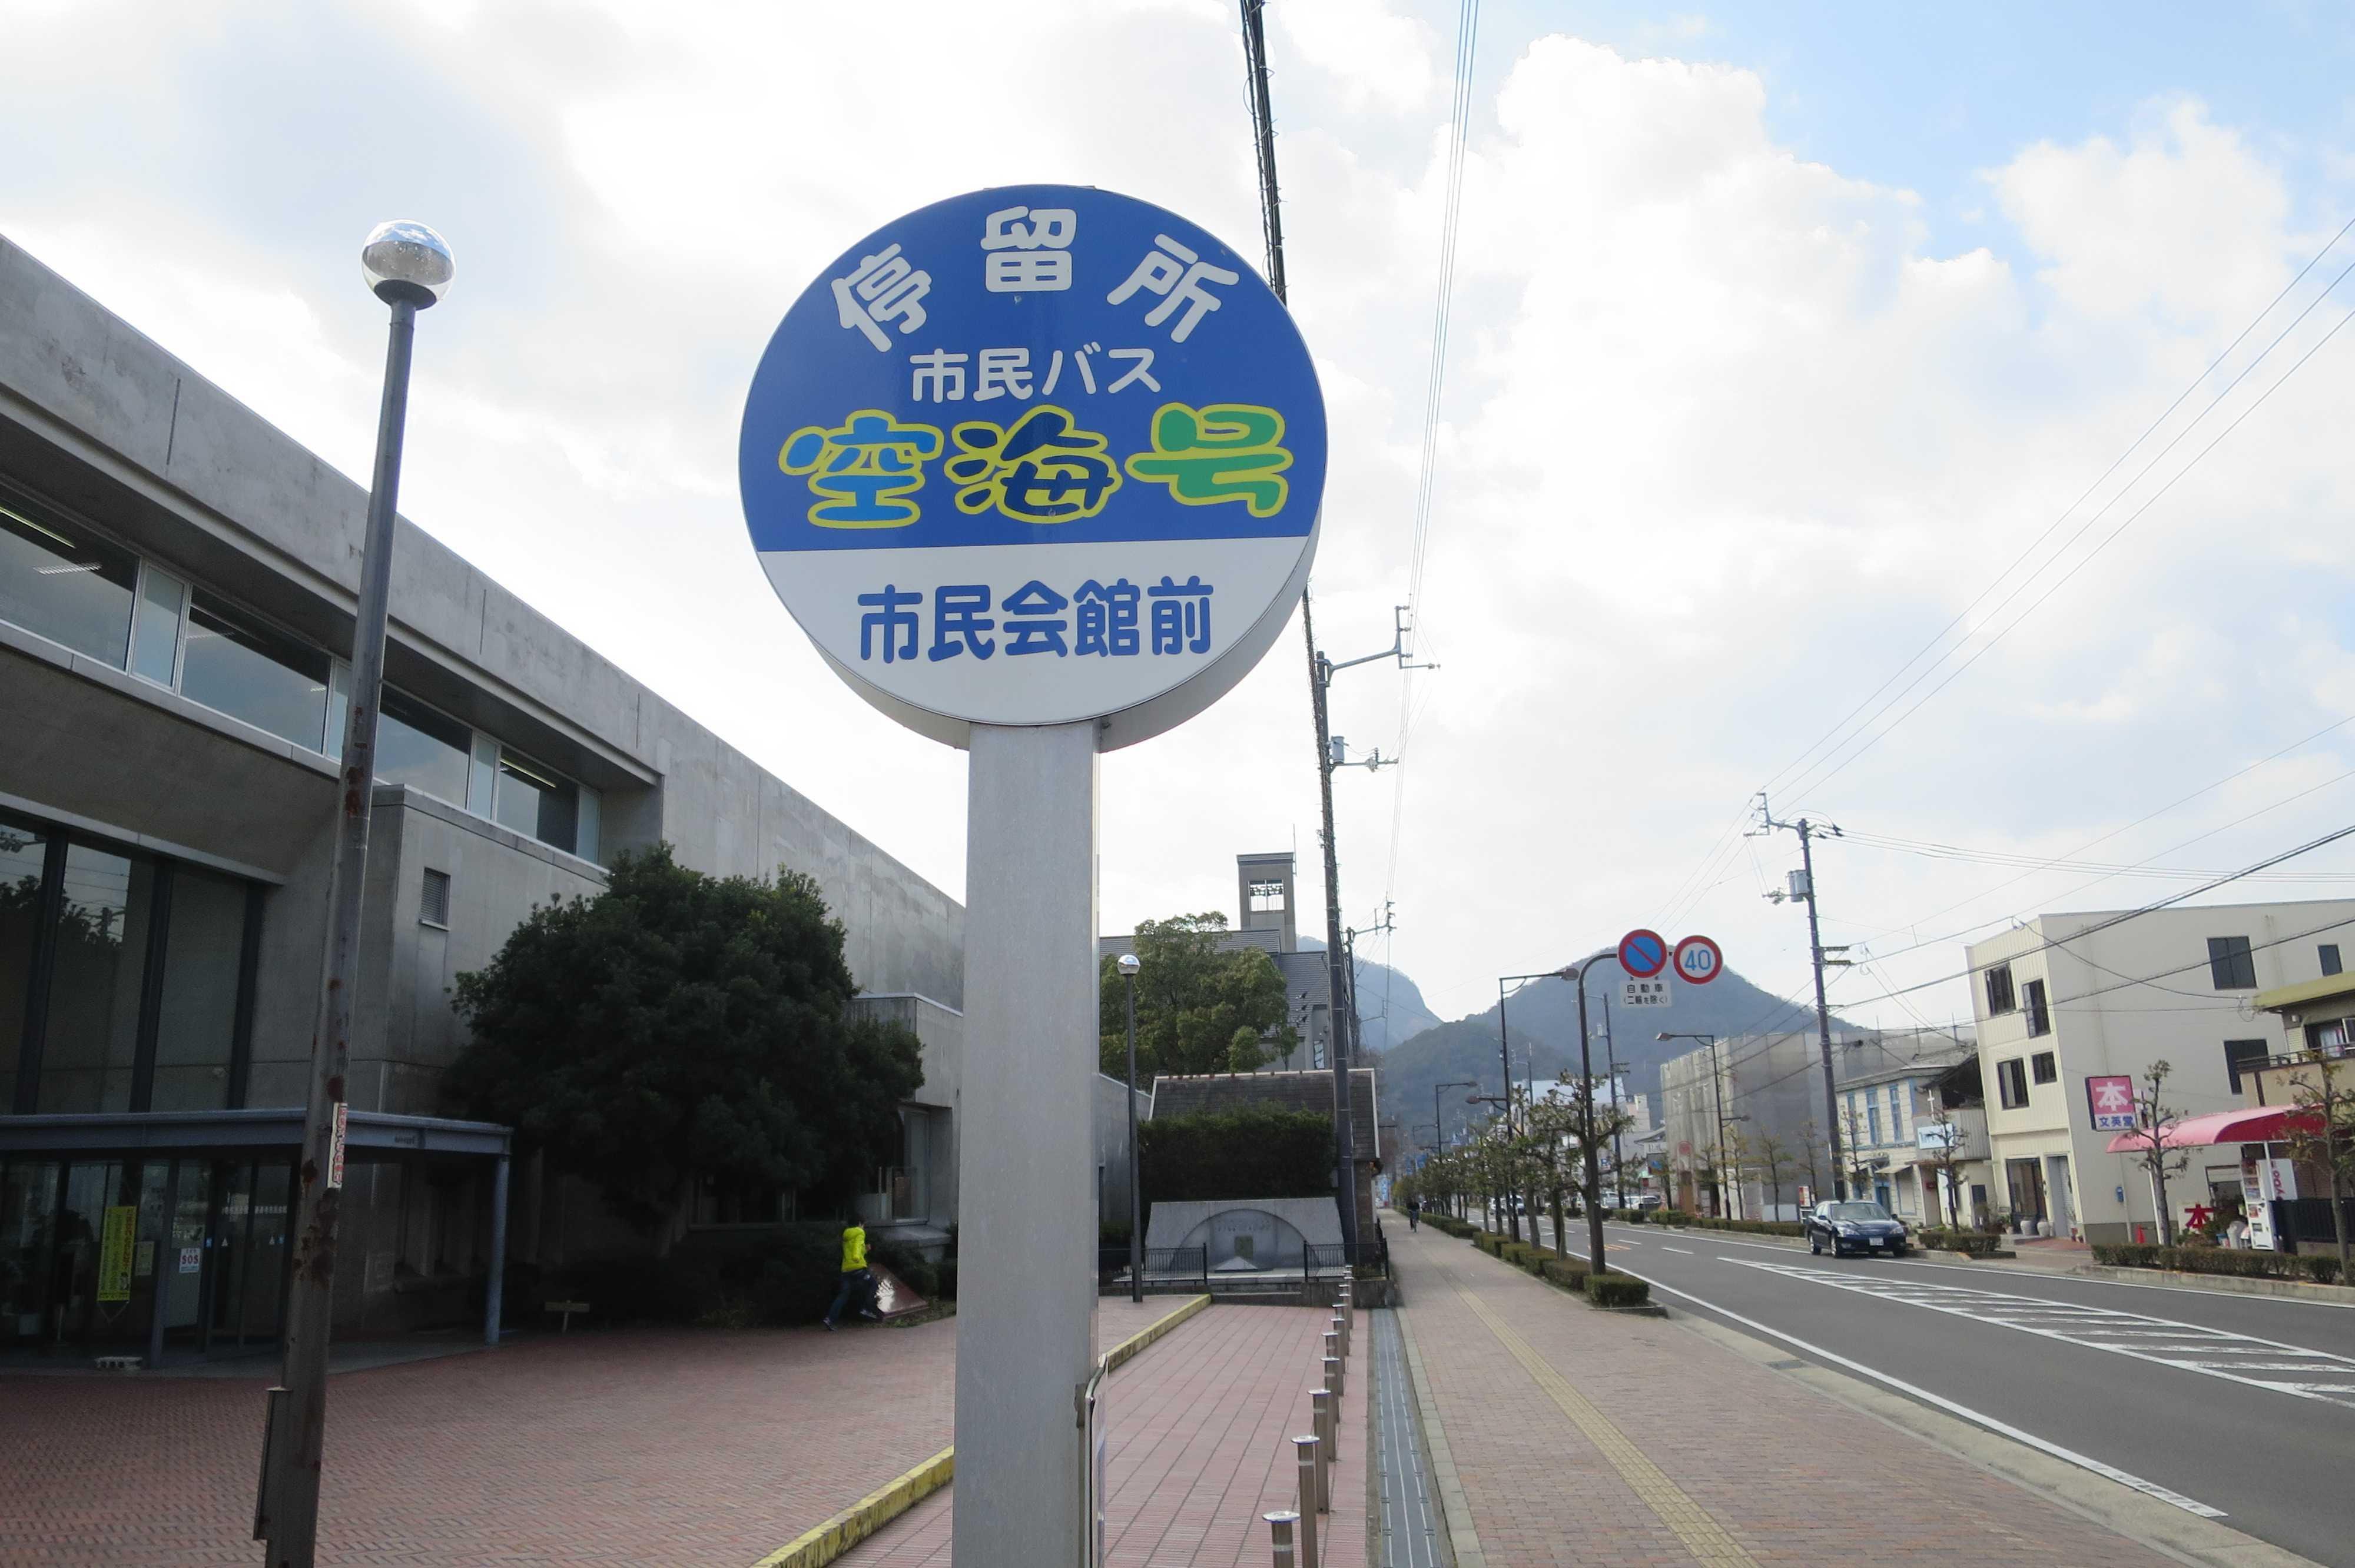 善通寺 - 市民バス空海号